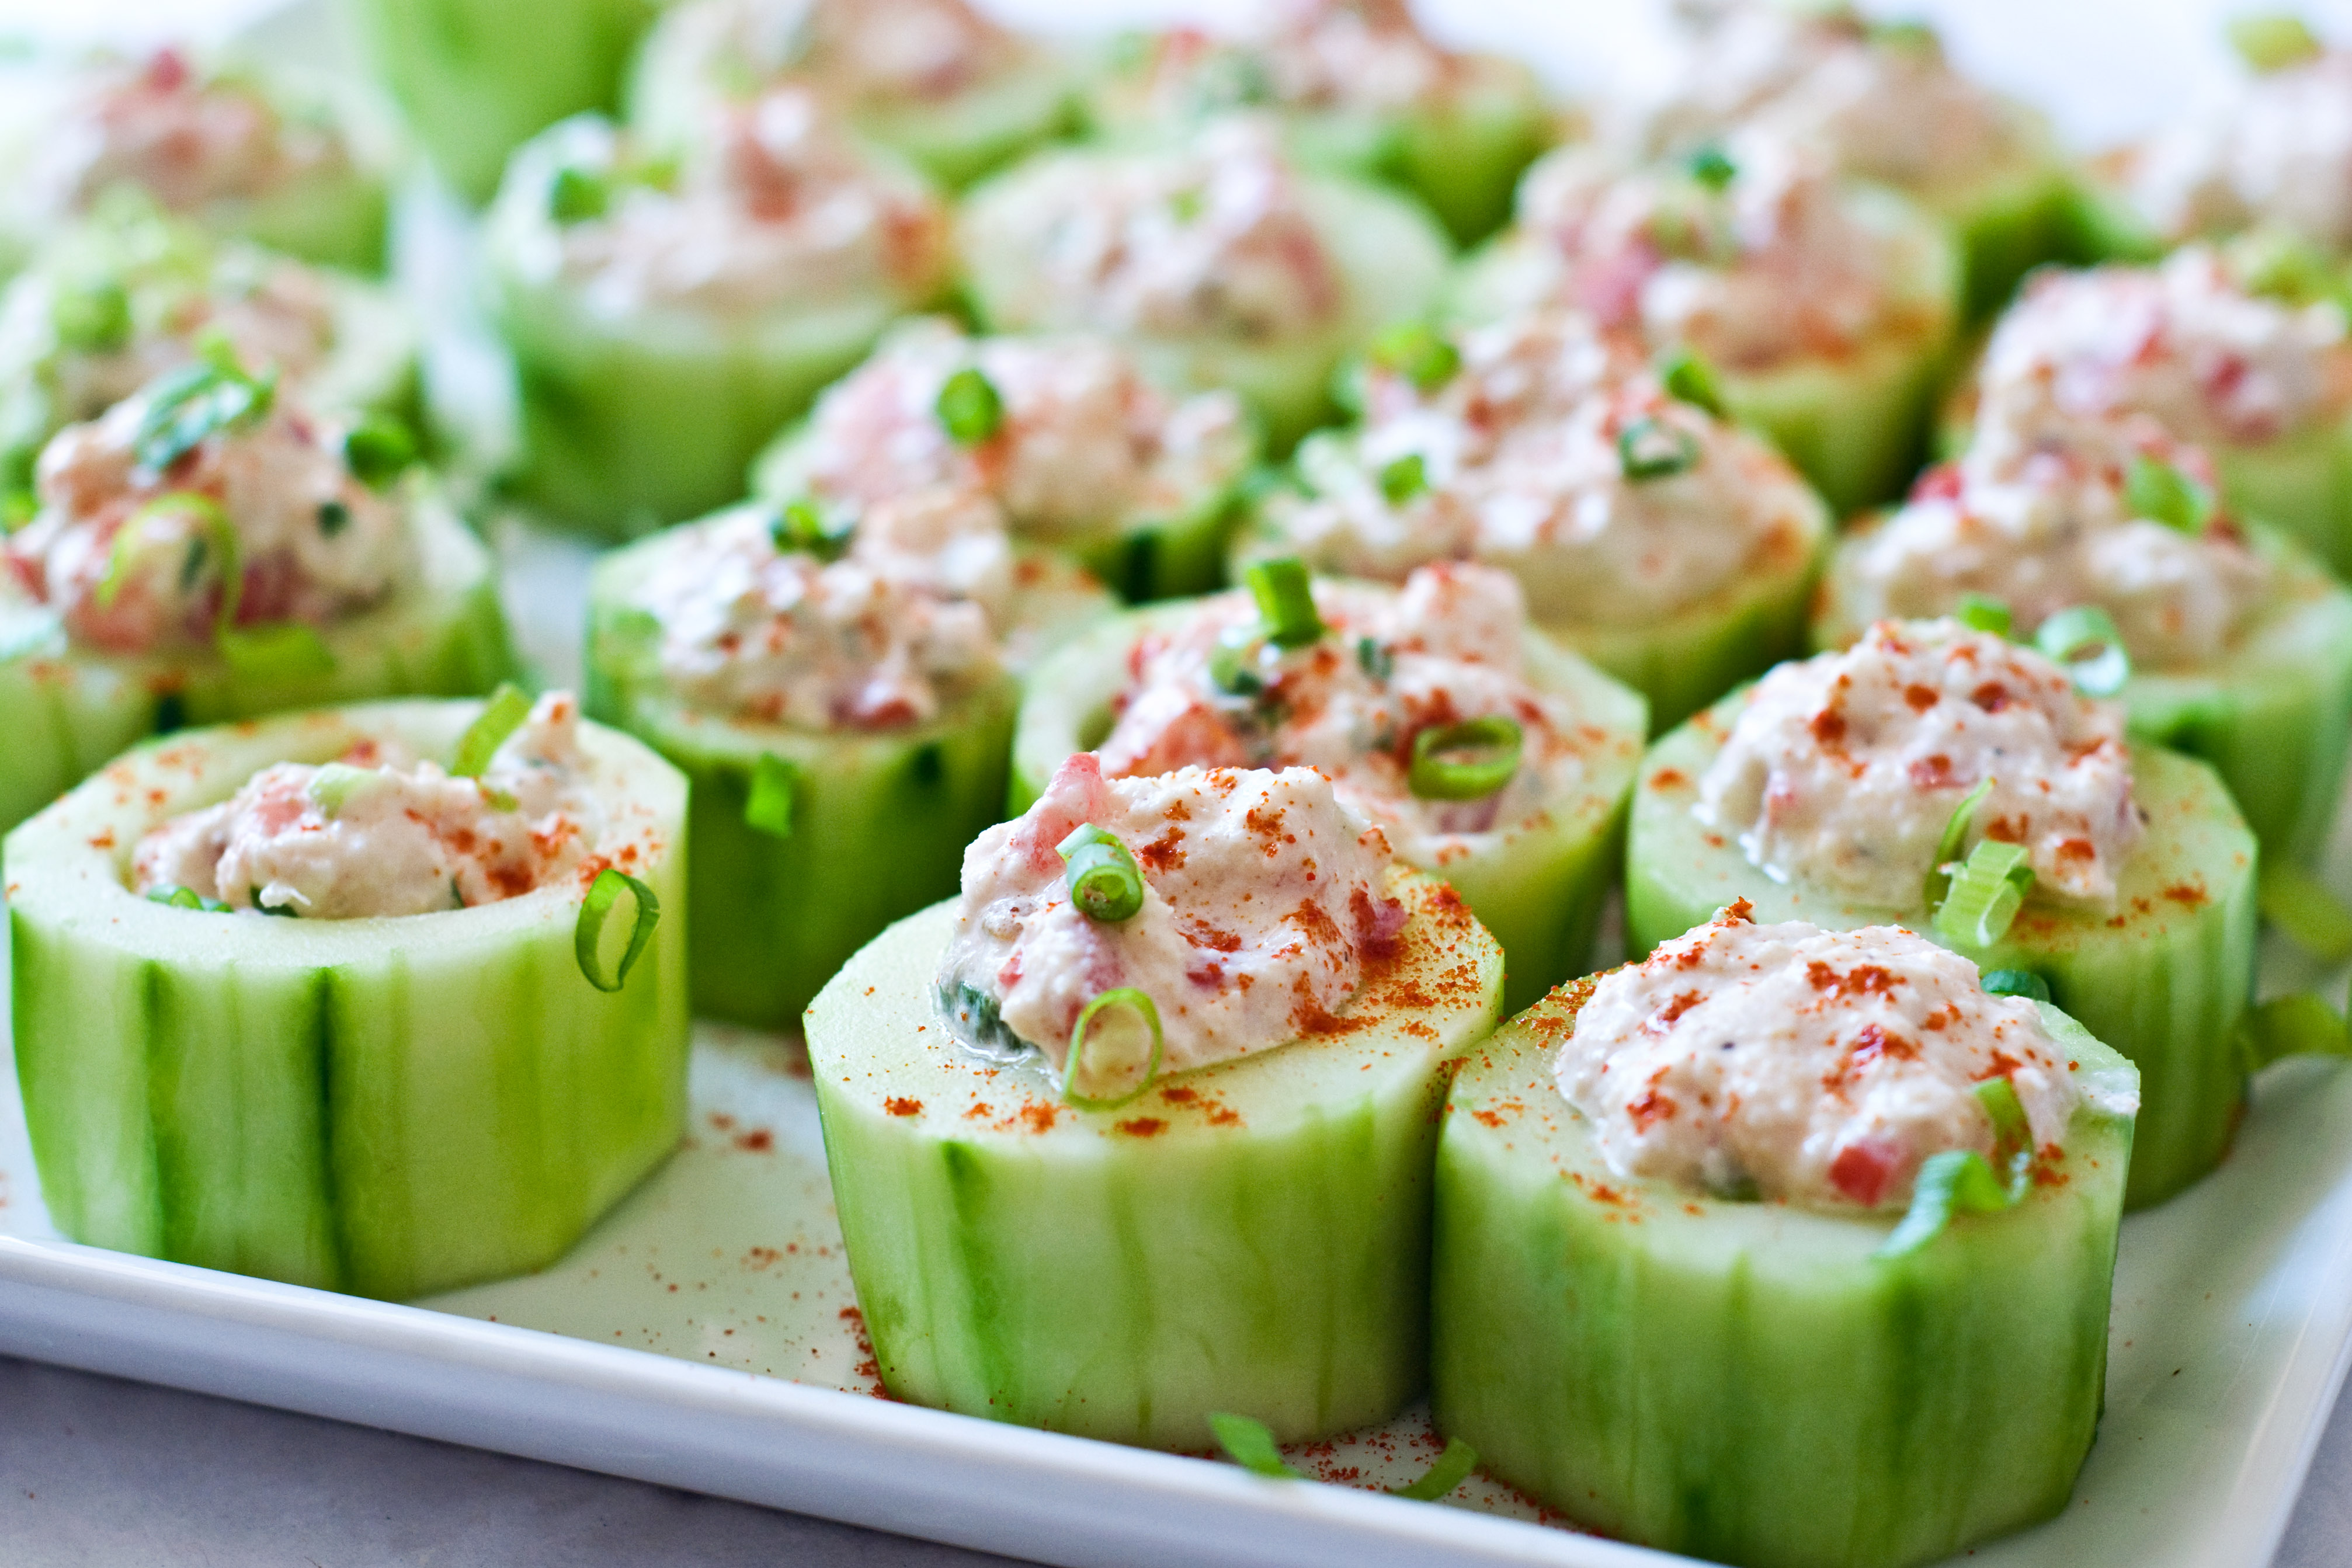 http://www.detroitmommies.com/wp-content/uploads/2013/11/cucumber-appetizer-.jpg